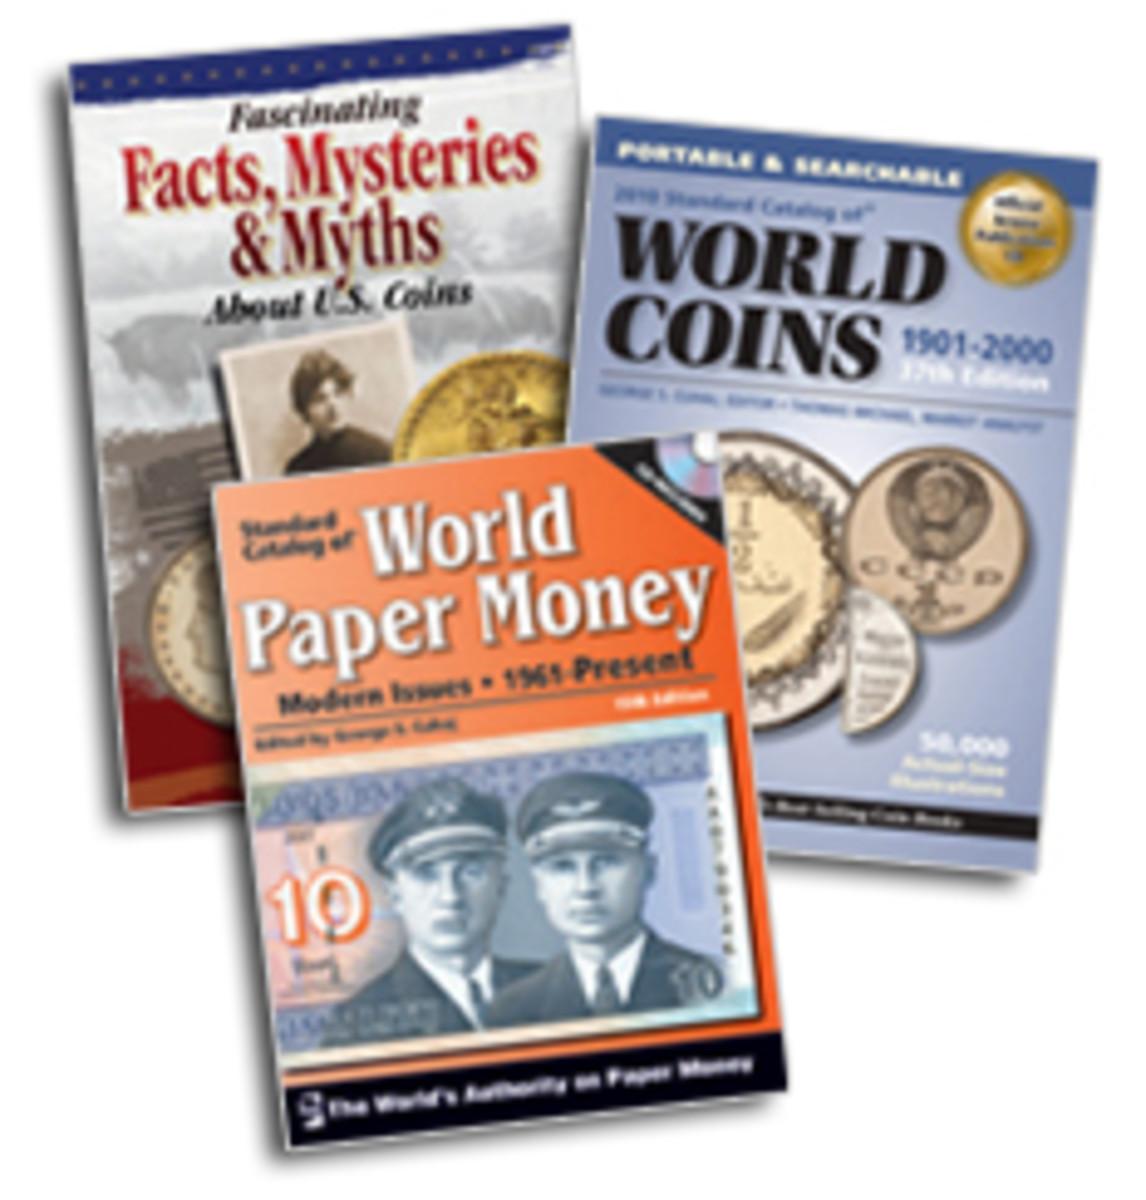 shop_newbooks.jpg